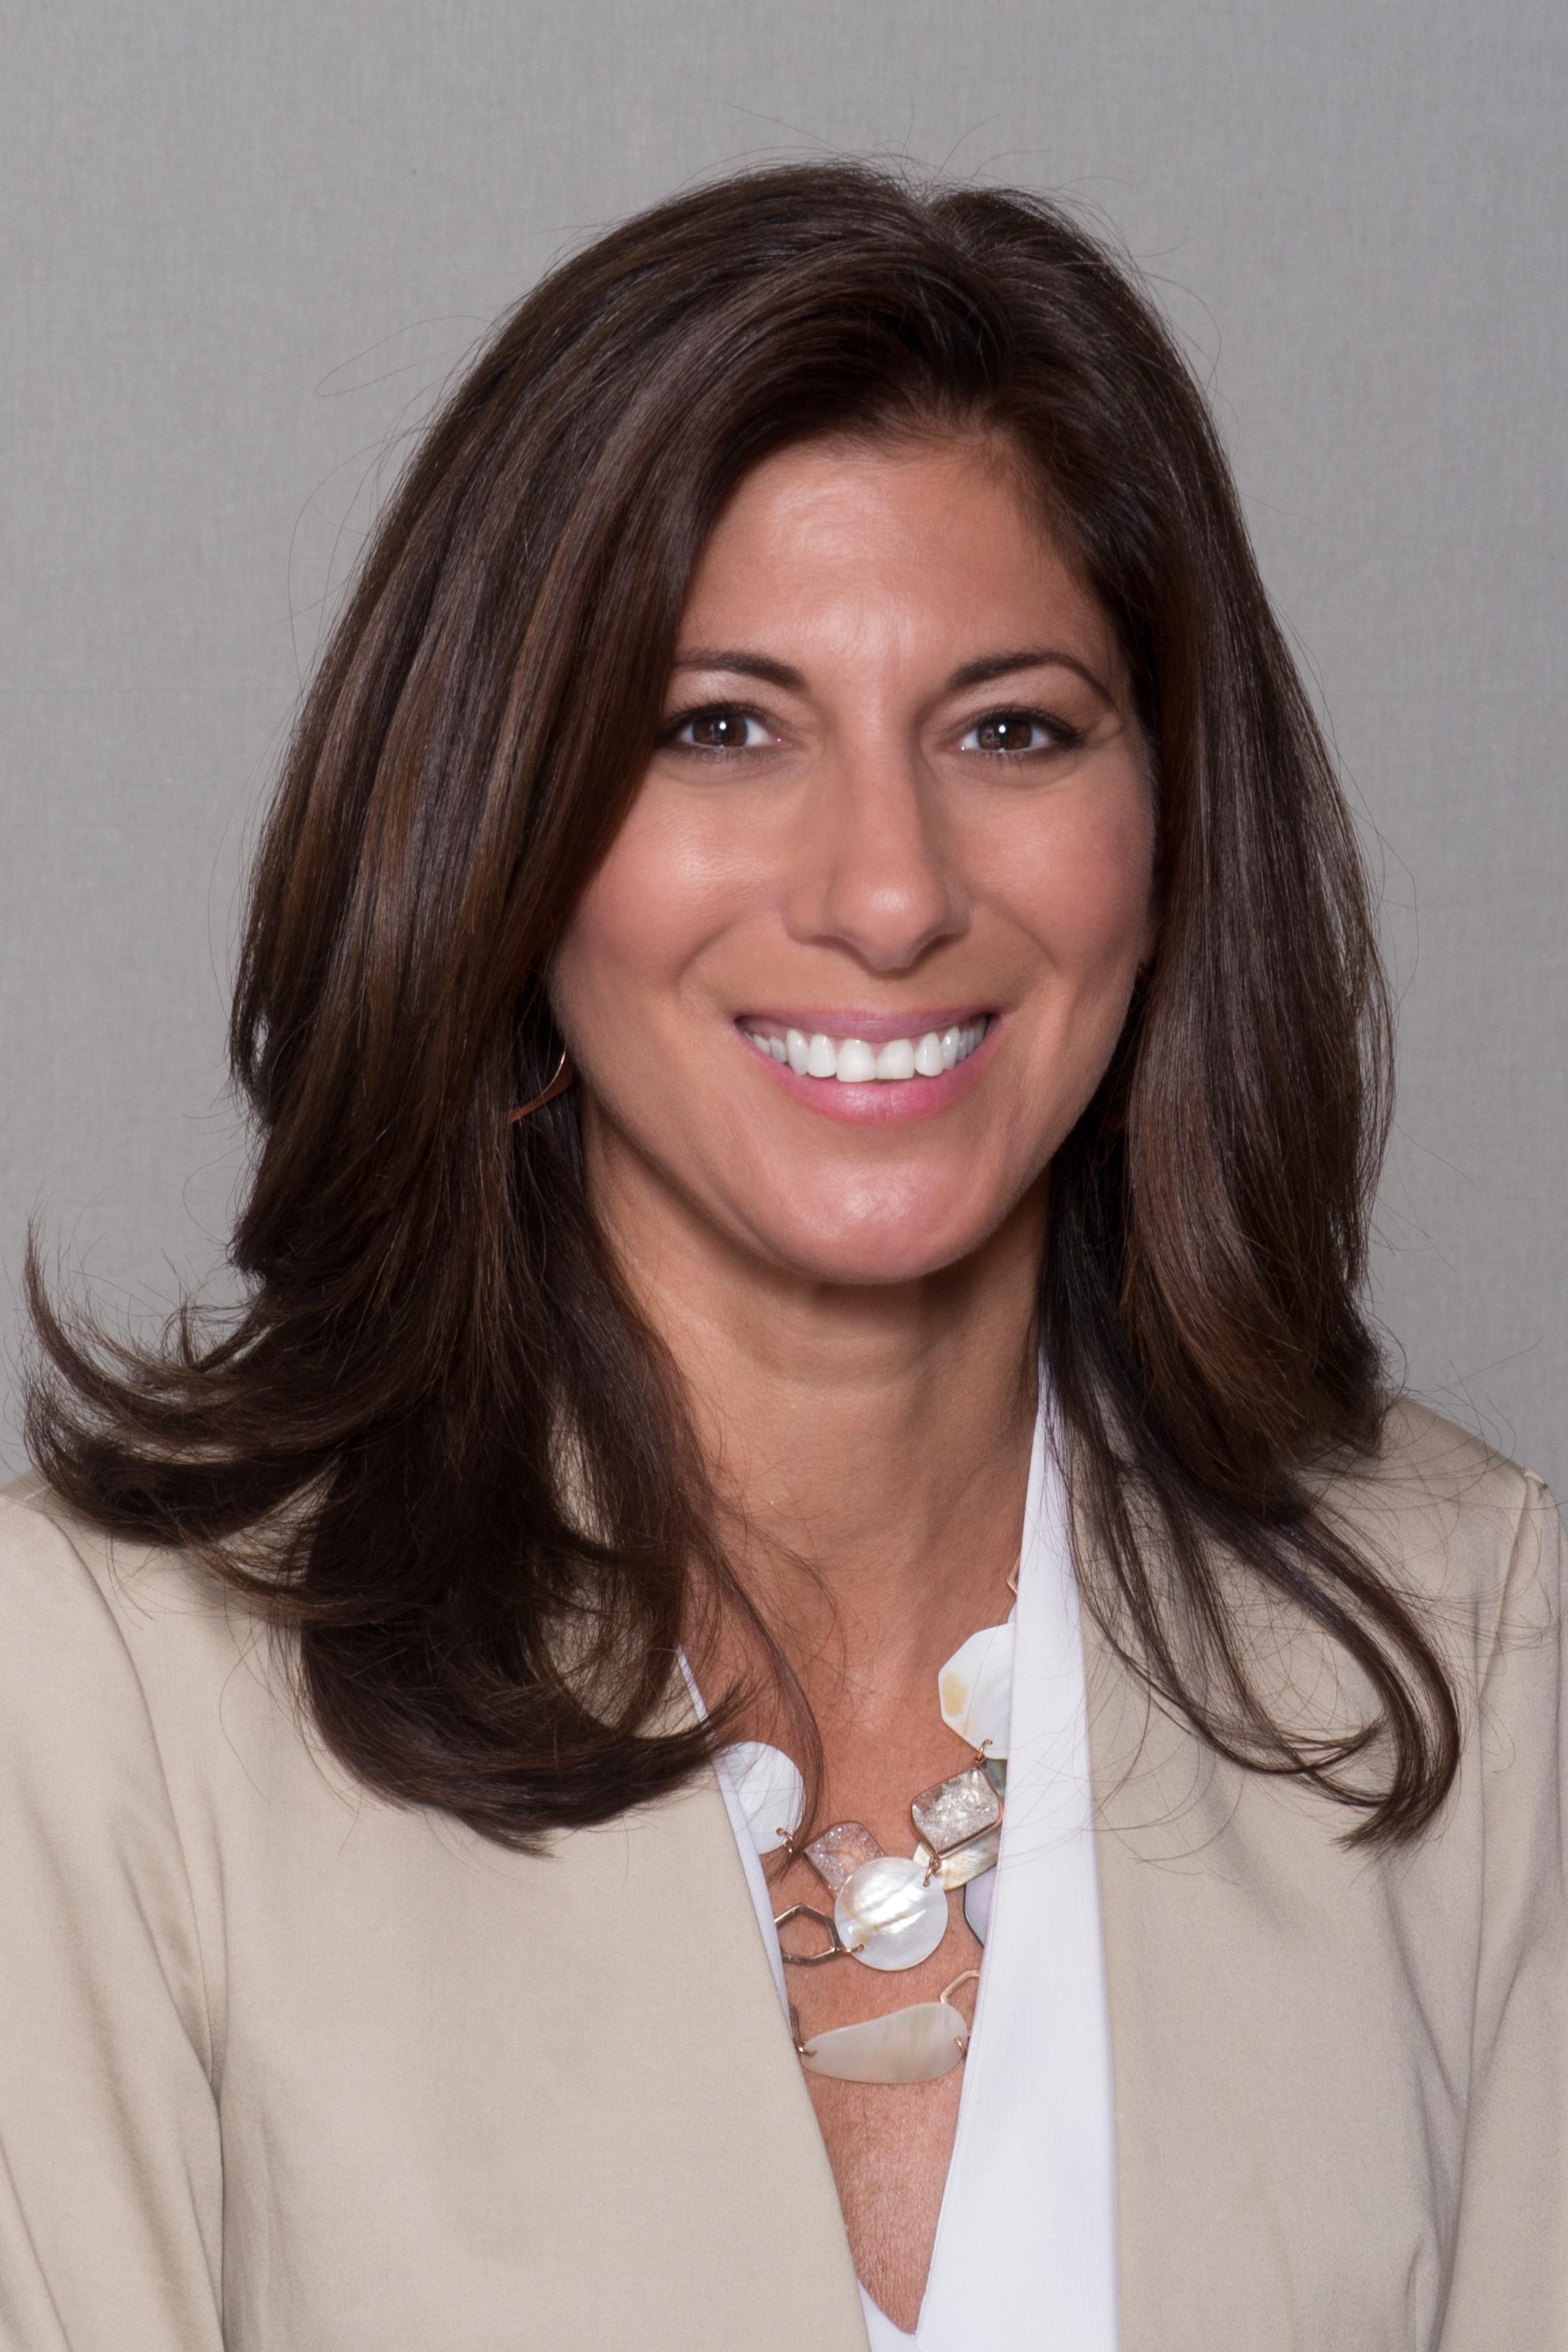 Shannon M. Dacus